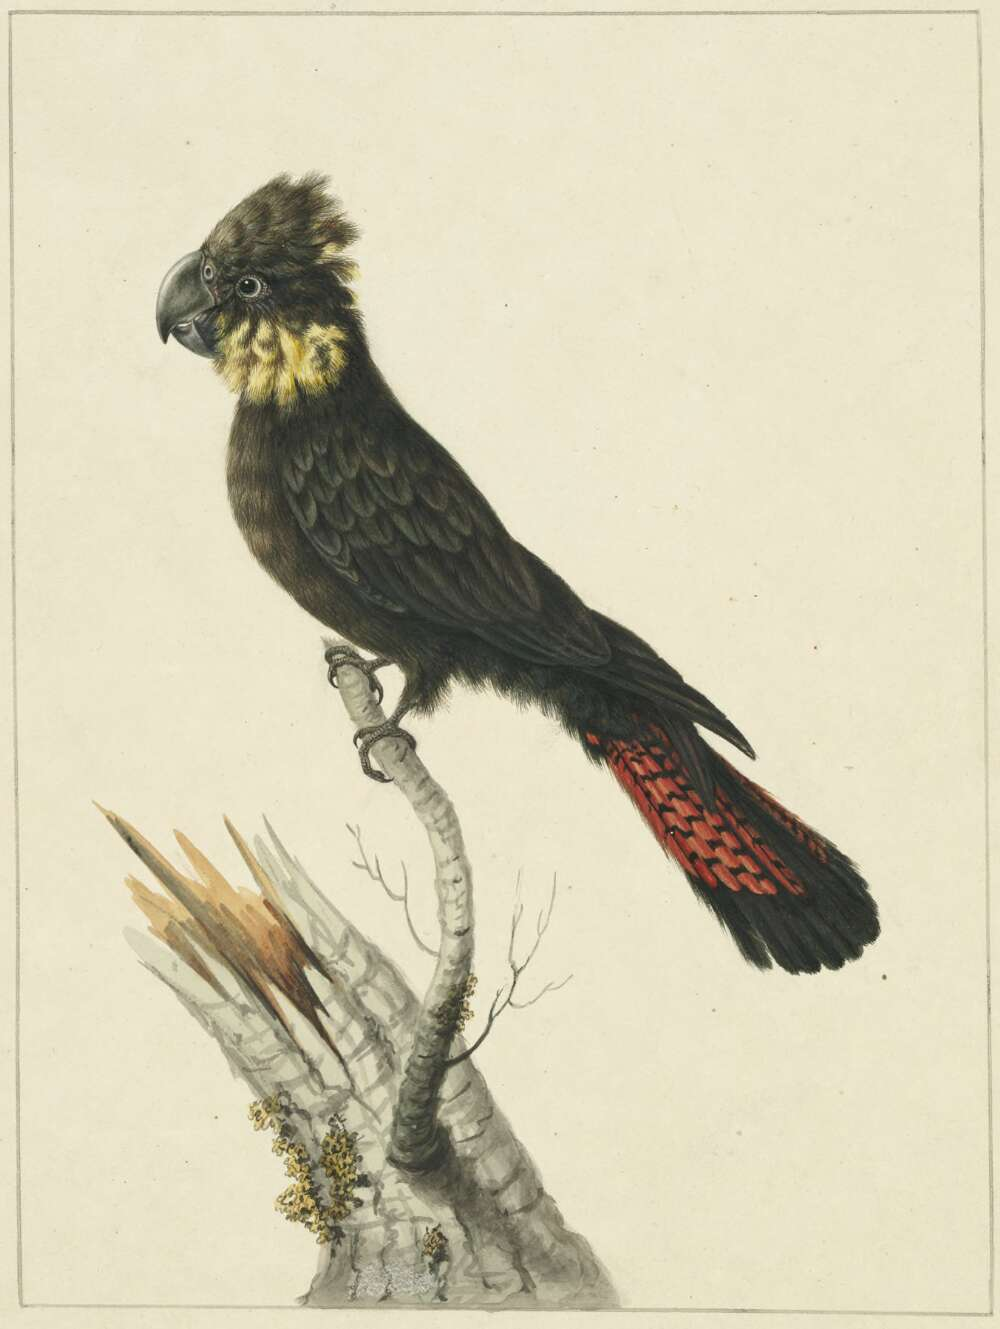 Sarah Stone, Banksian Cockatoo, c.1790